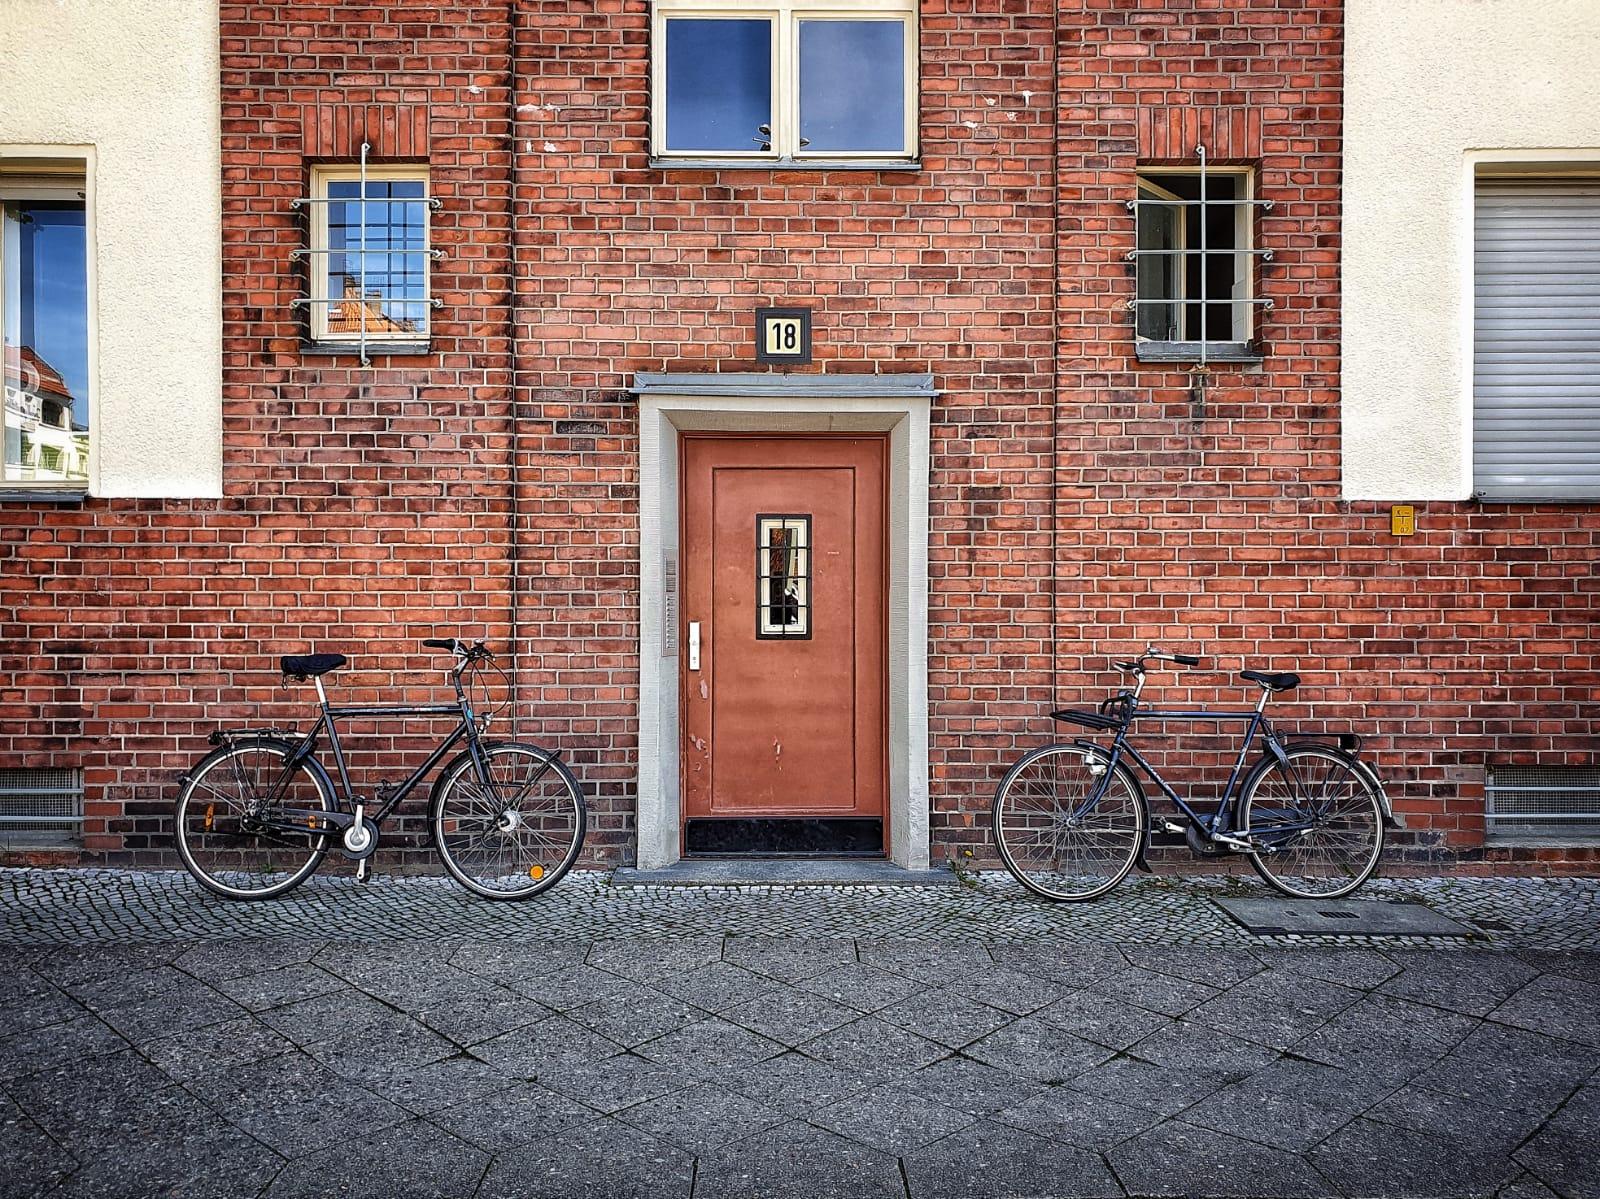 Two Bikes & a Door |©Anne Seubert